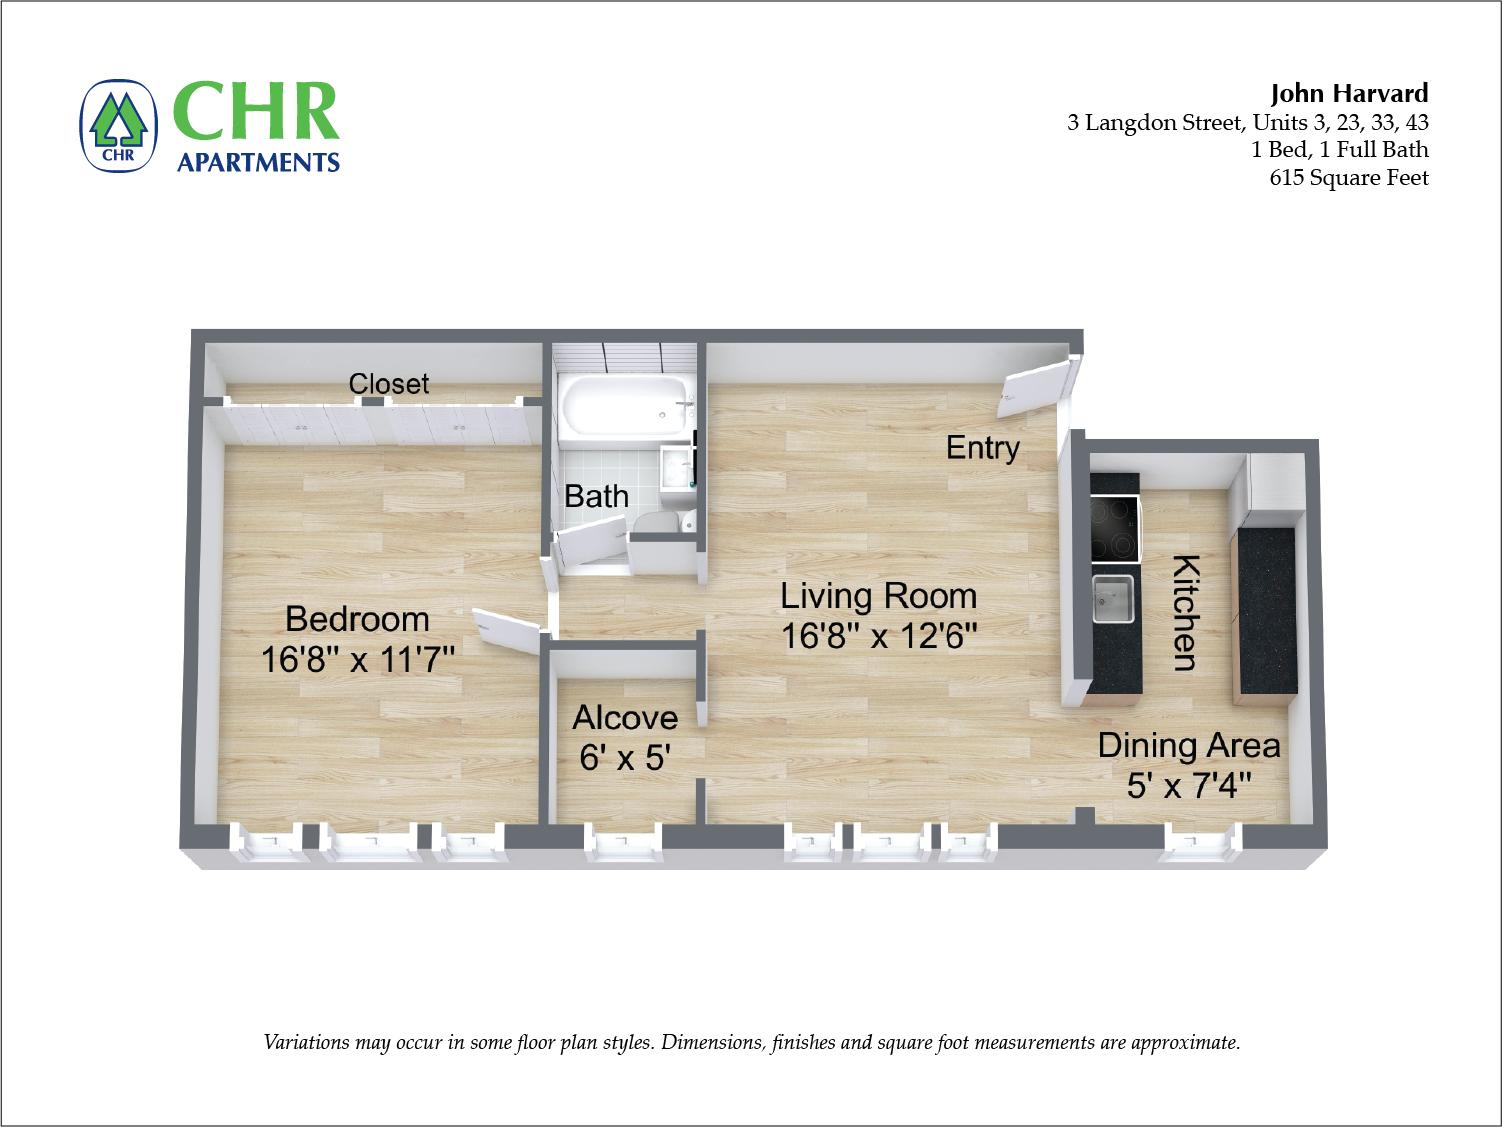 Floor plan John Harvard - 1 Bedroom image 4